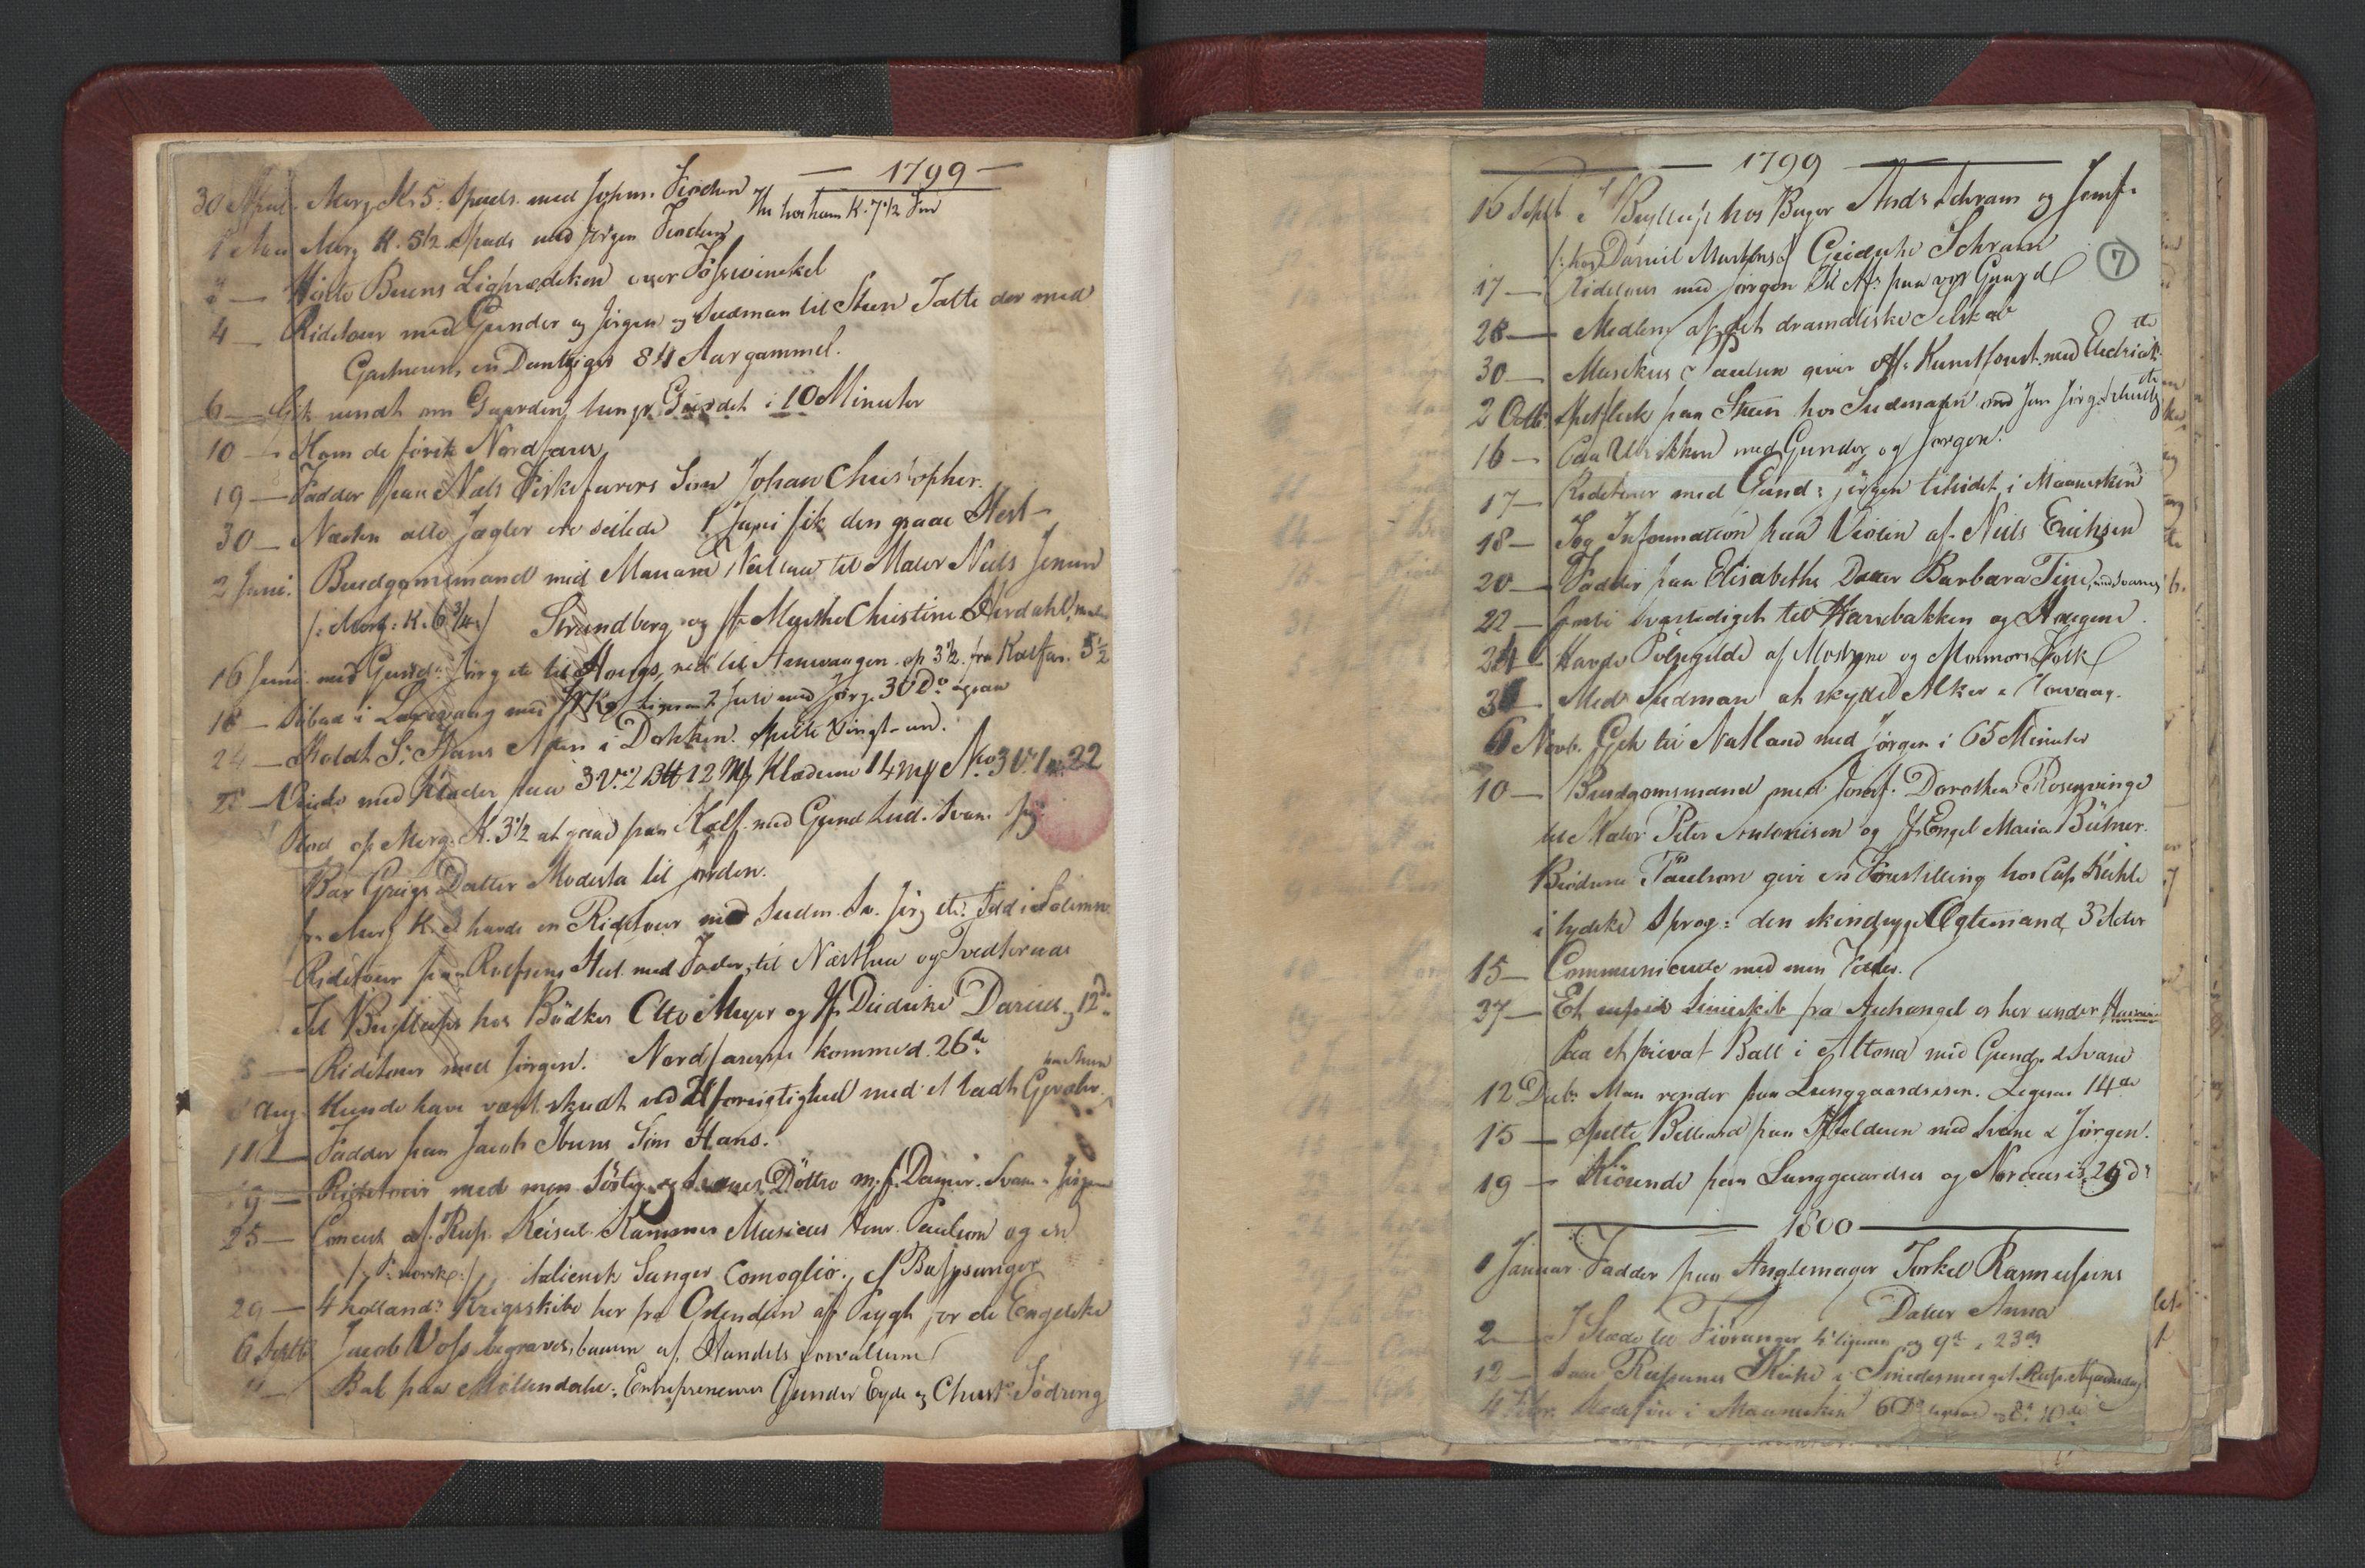 RA, Meltzer, Fredrik, F/L0002: Dagbok, 1796-1808, s. 6b-7a